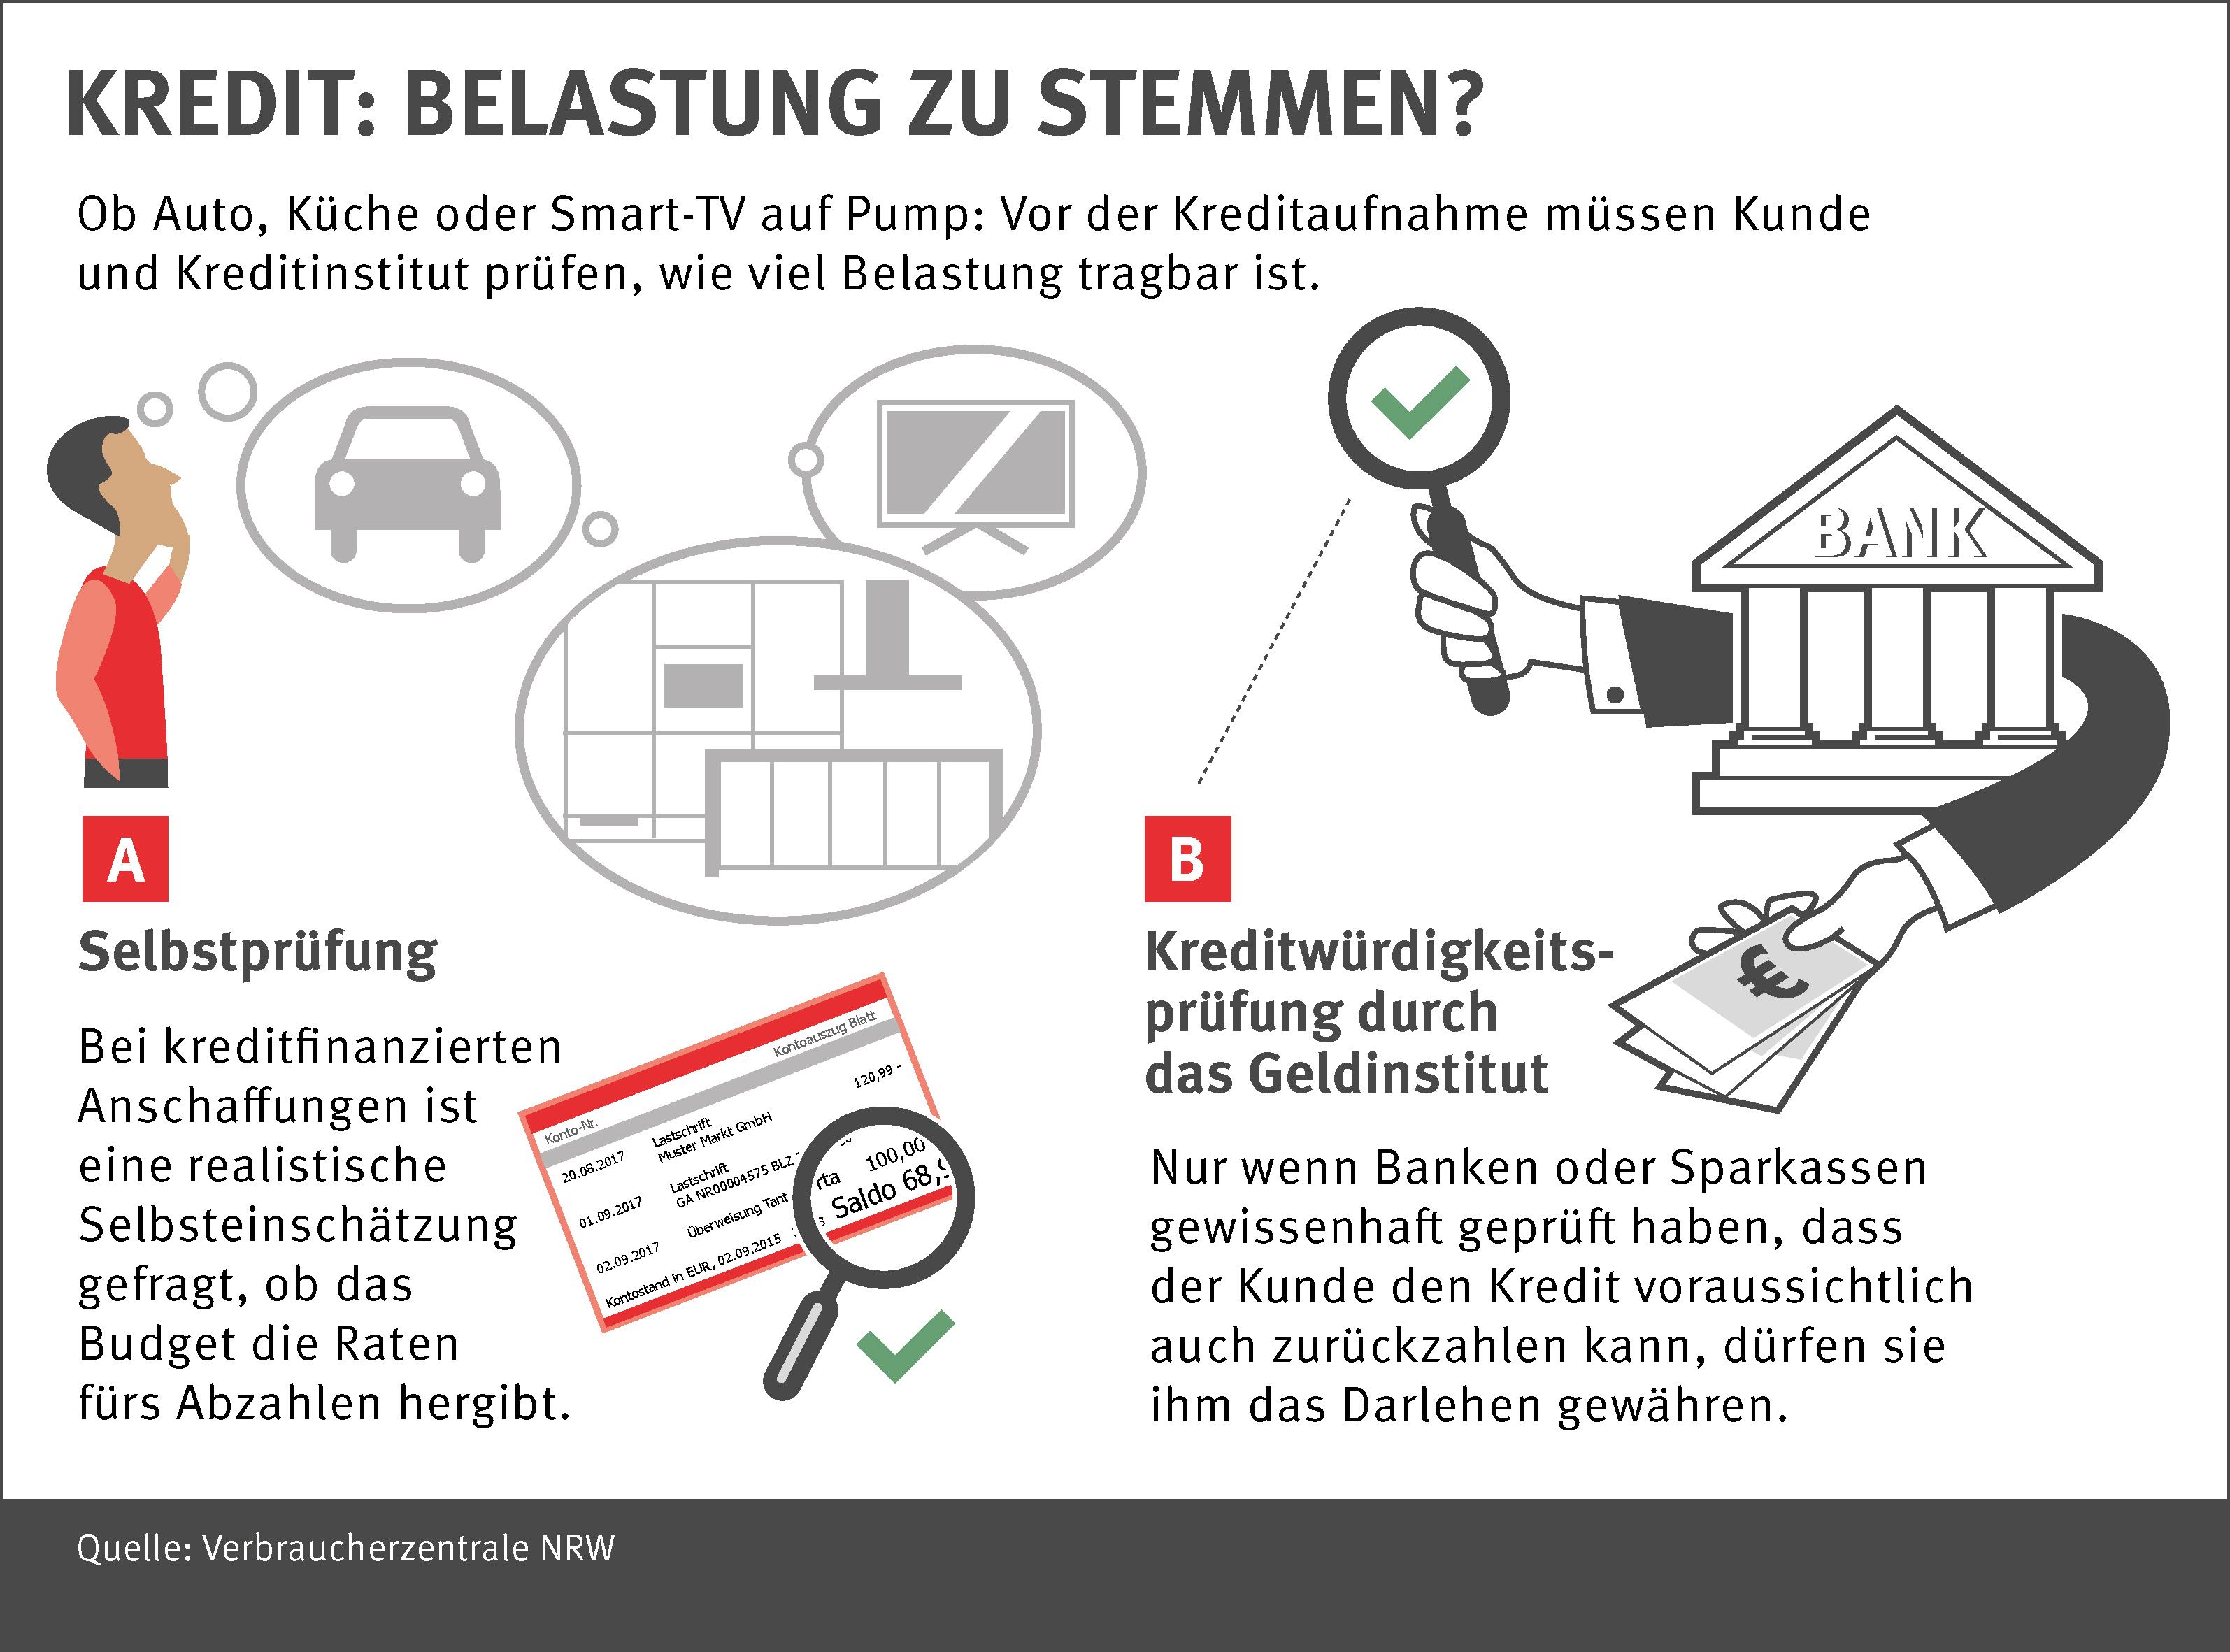 Umfrage Im Internet Kreditwurdigkeitsprufung Durch Banken Unter Der Lupe Pressemitteilung Verbraucherzentrale Nordrhein Westfalen E V